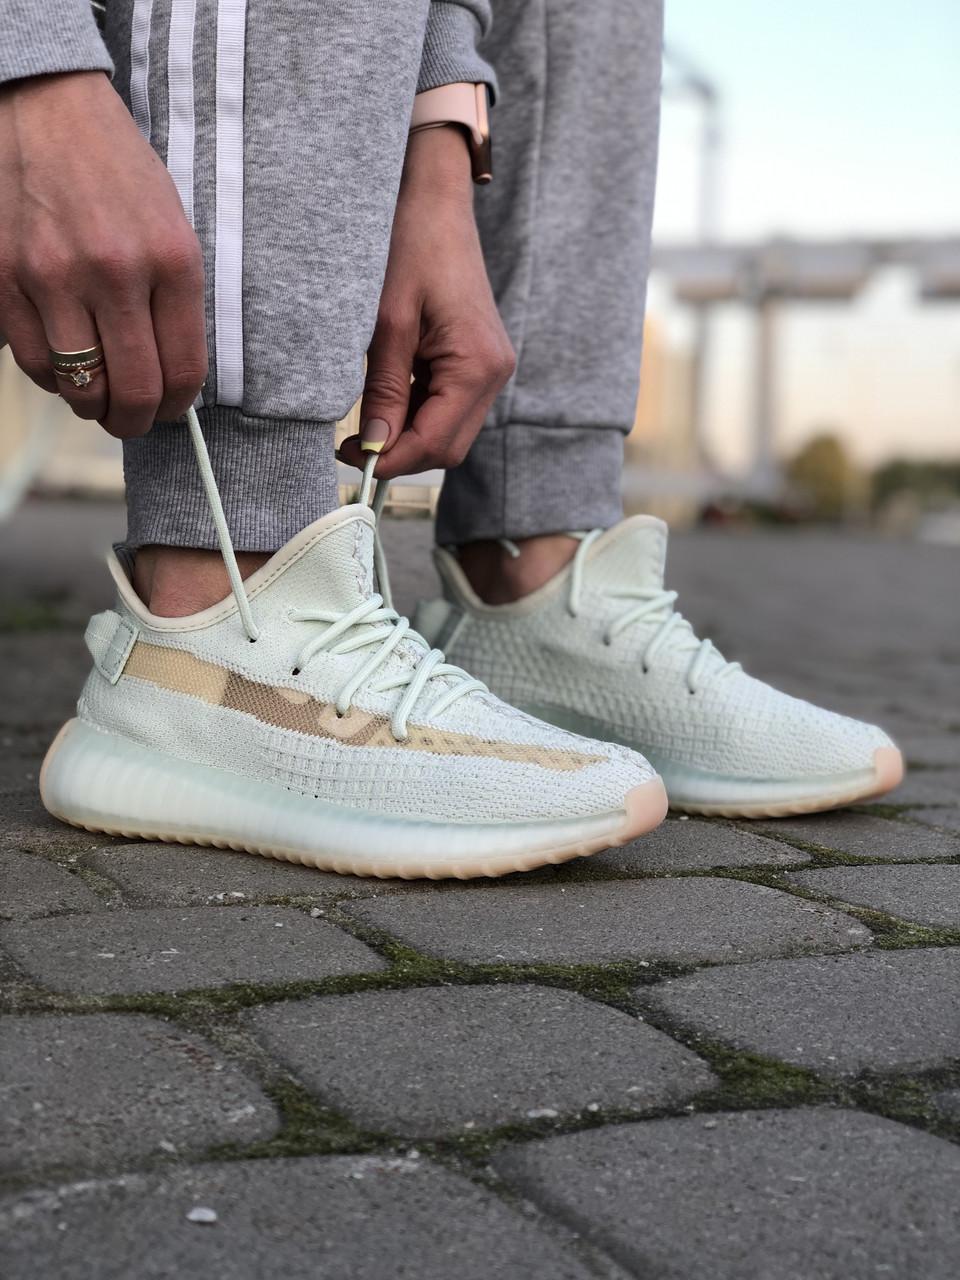 Топовые кроссовки Adid@s Yeezy 350 V2